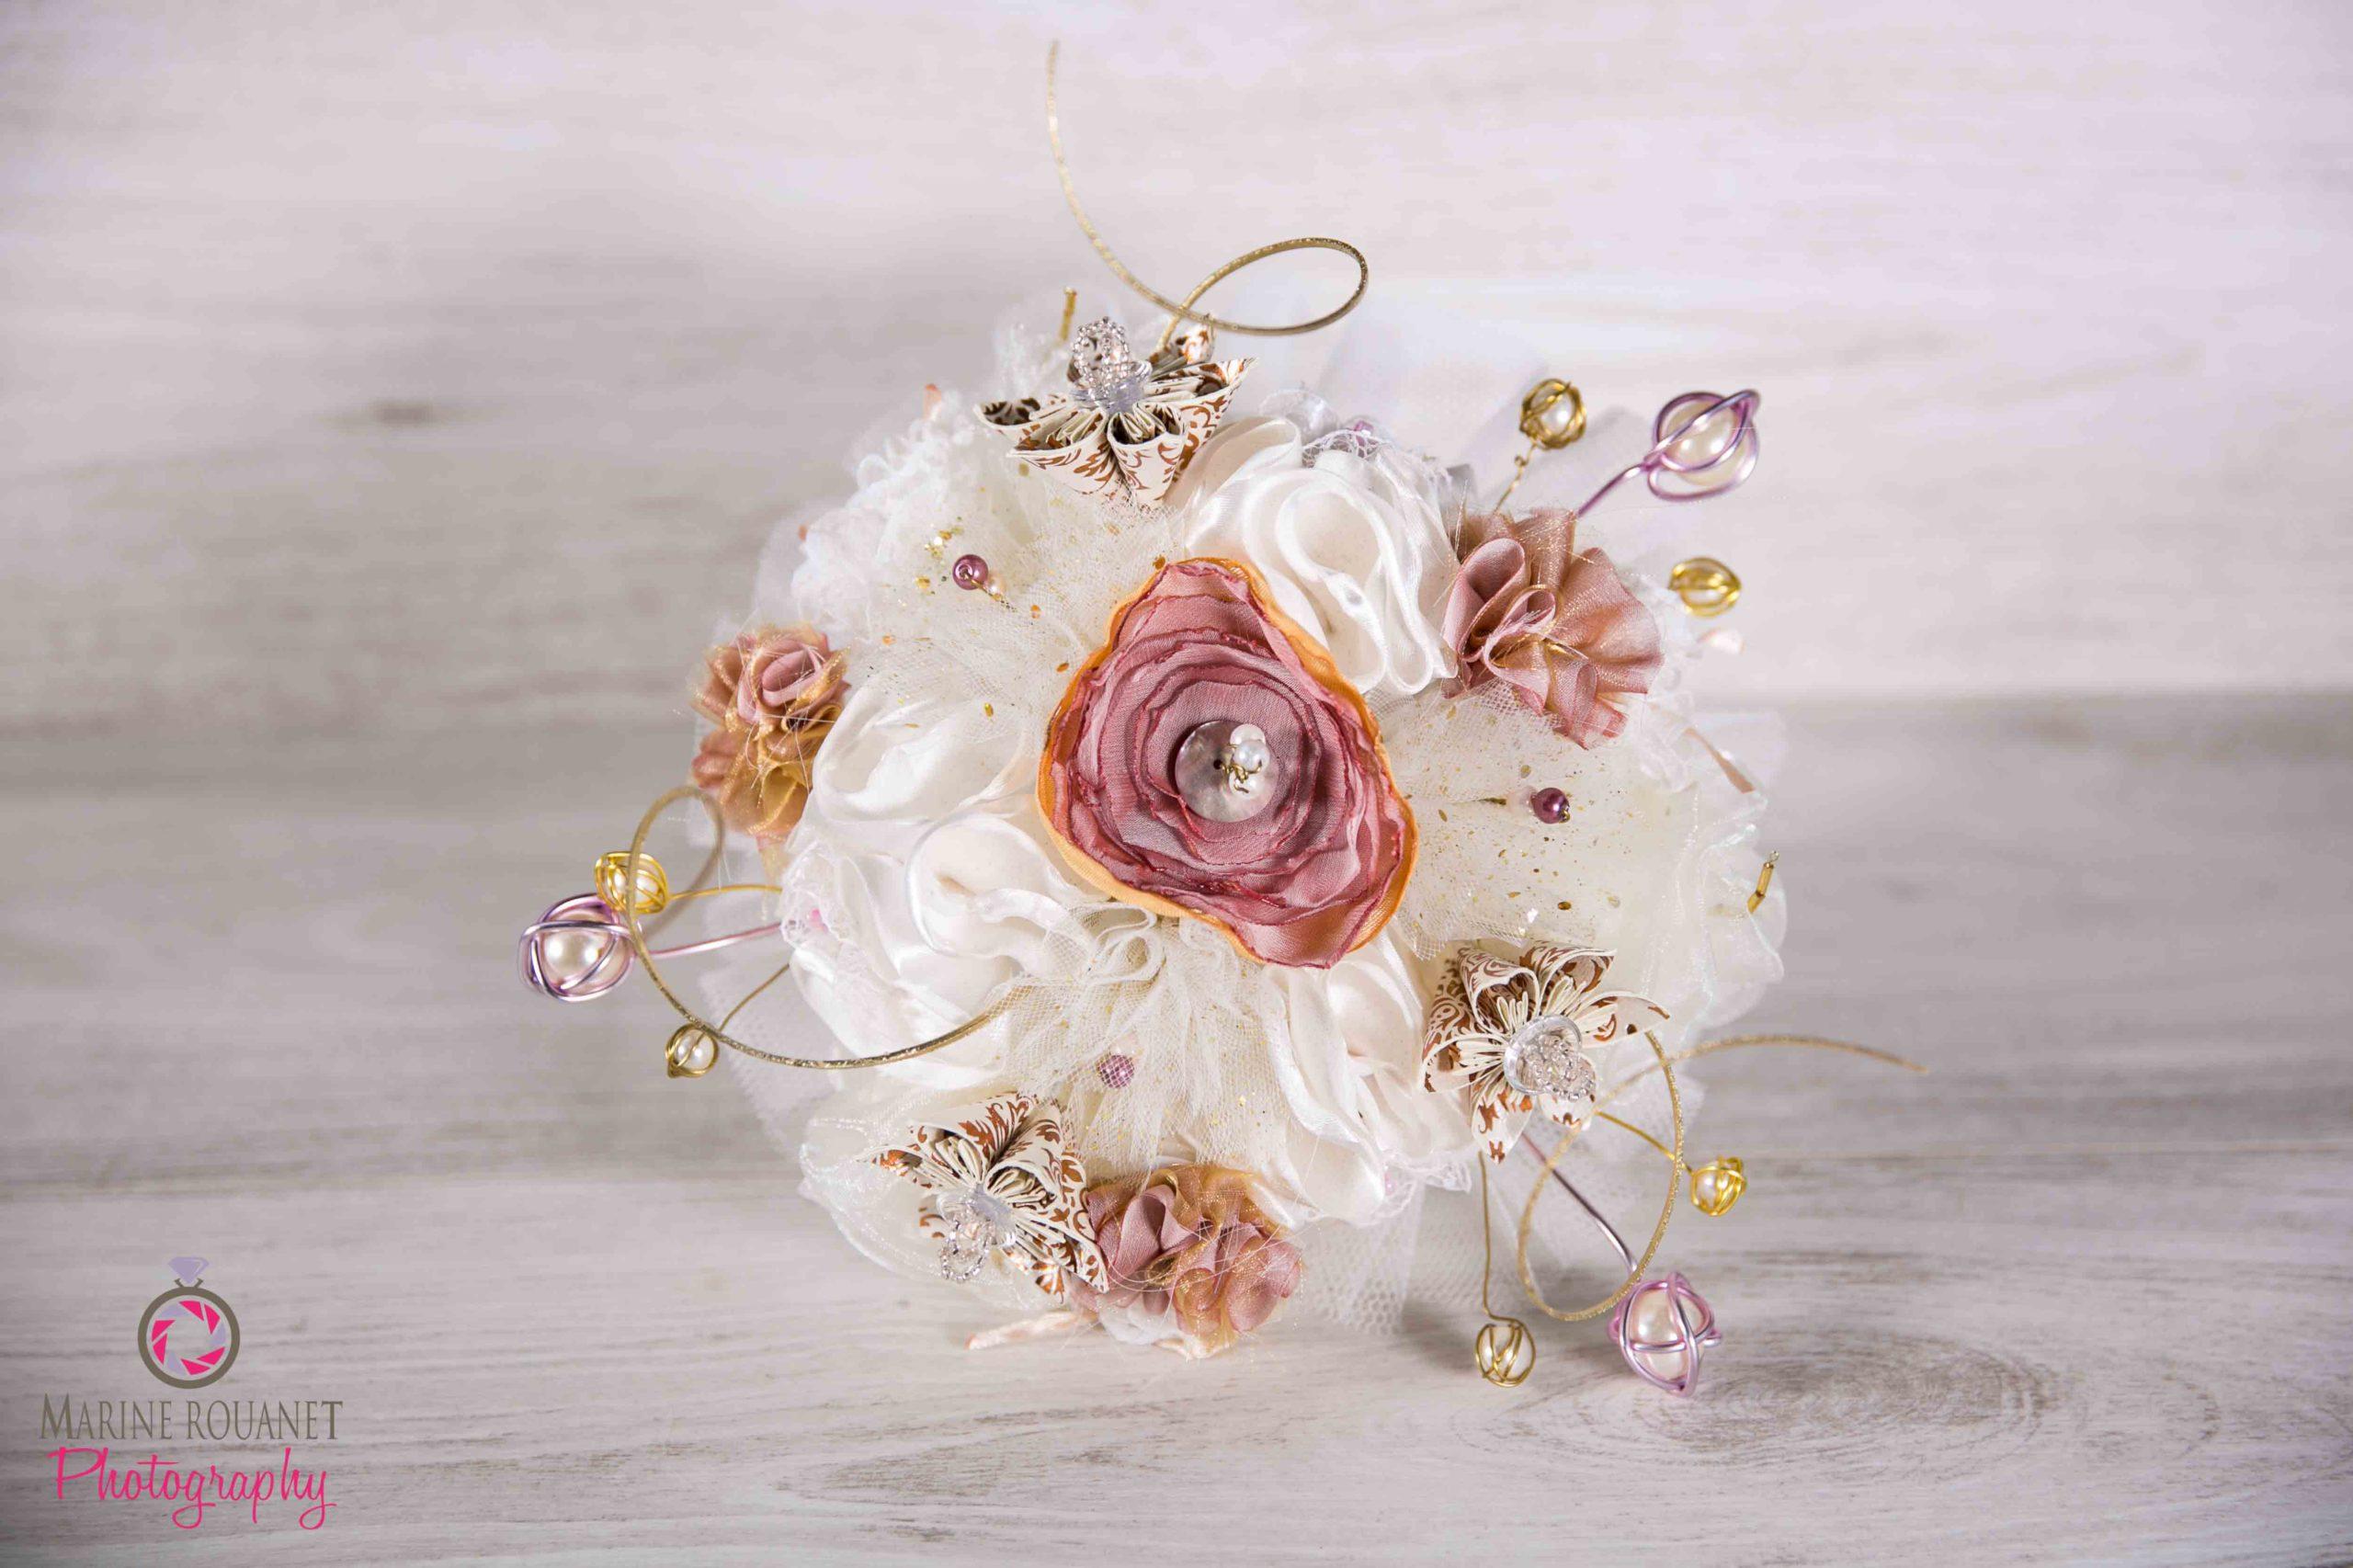 Arty Malice Fleuriste mariage Albi Toulouse Bouquet mariée Collection Rose poudré Or Ivoire